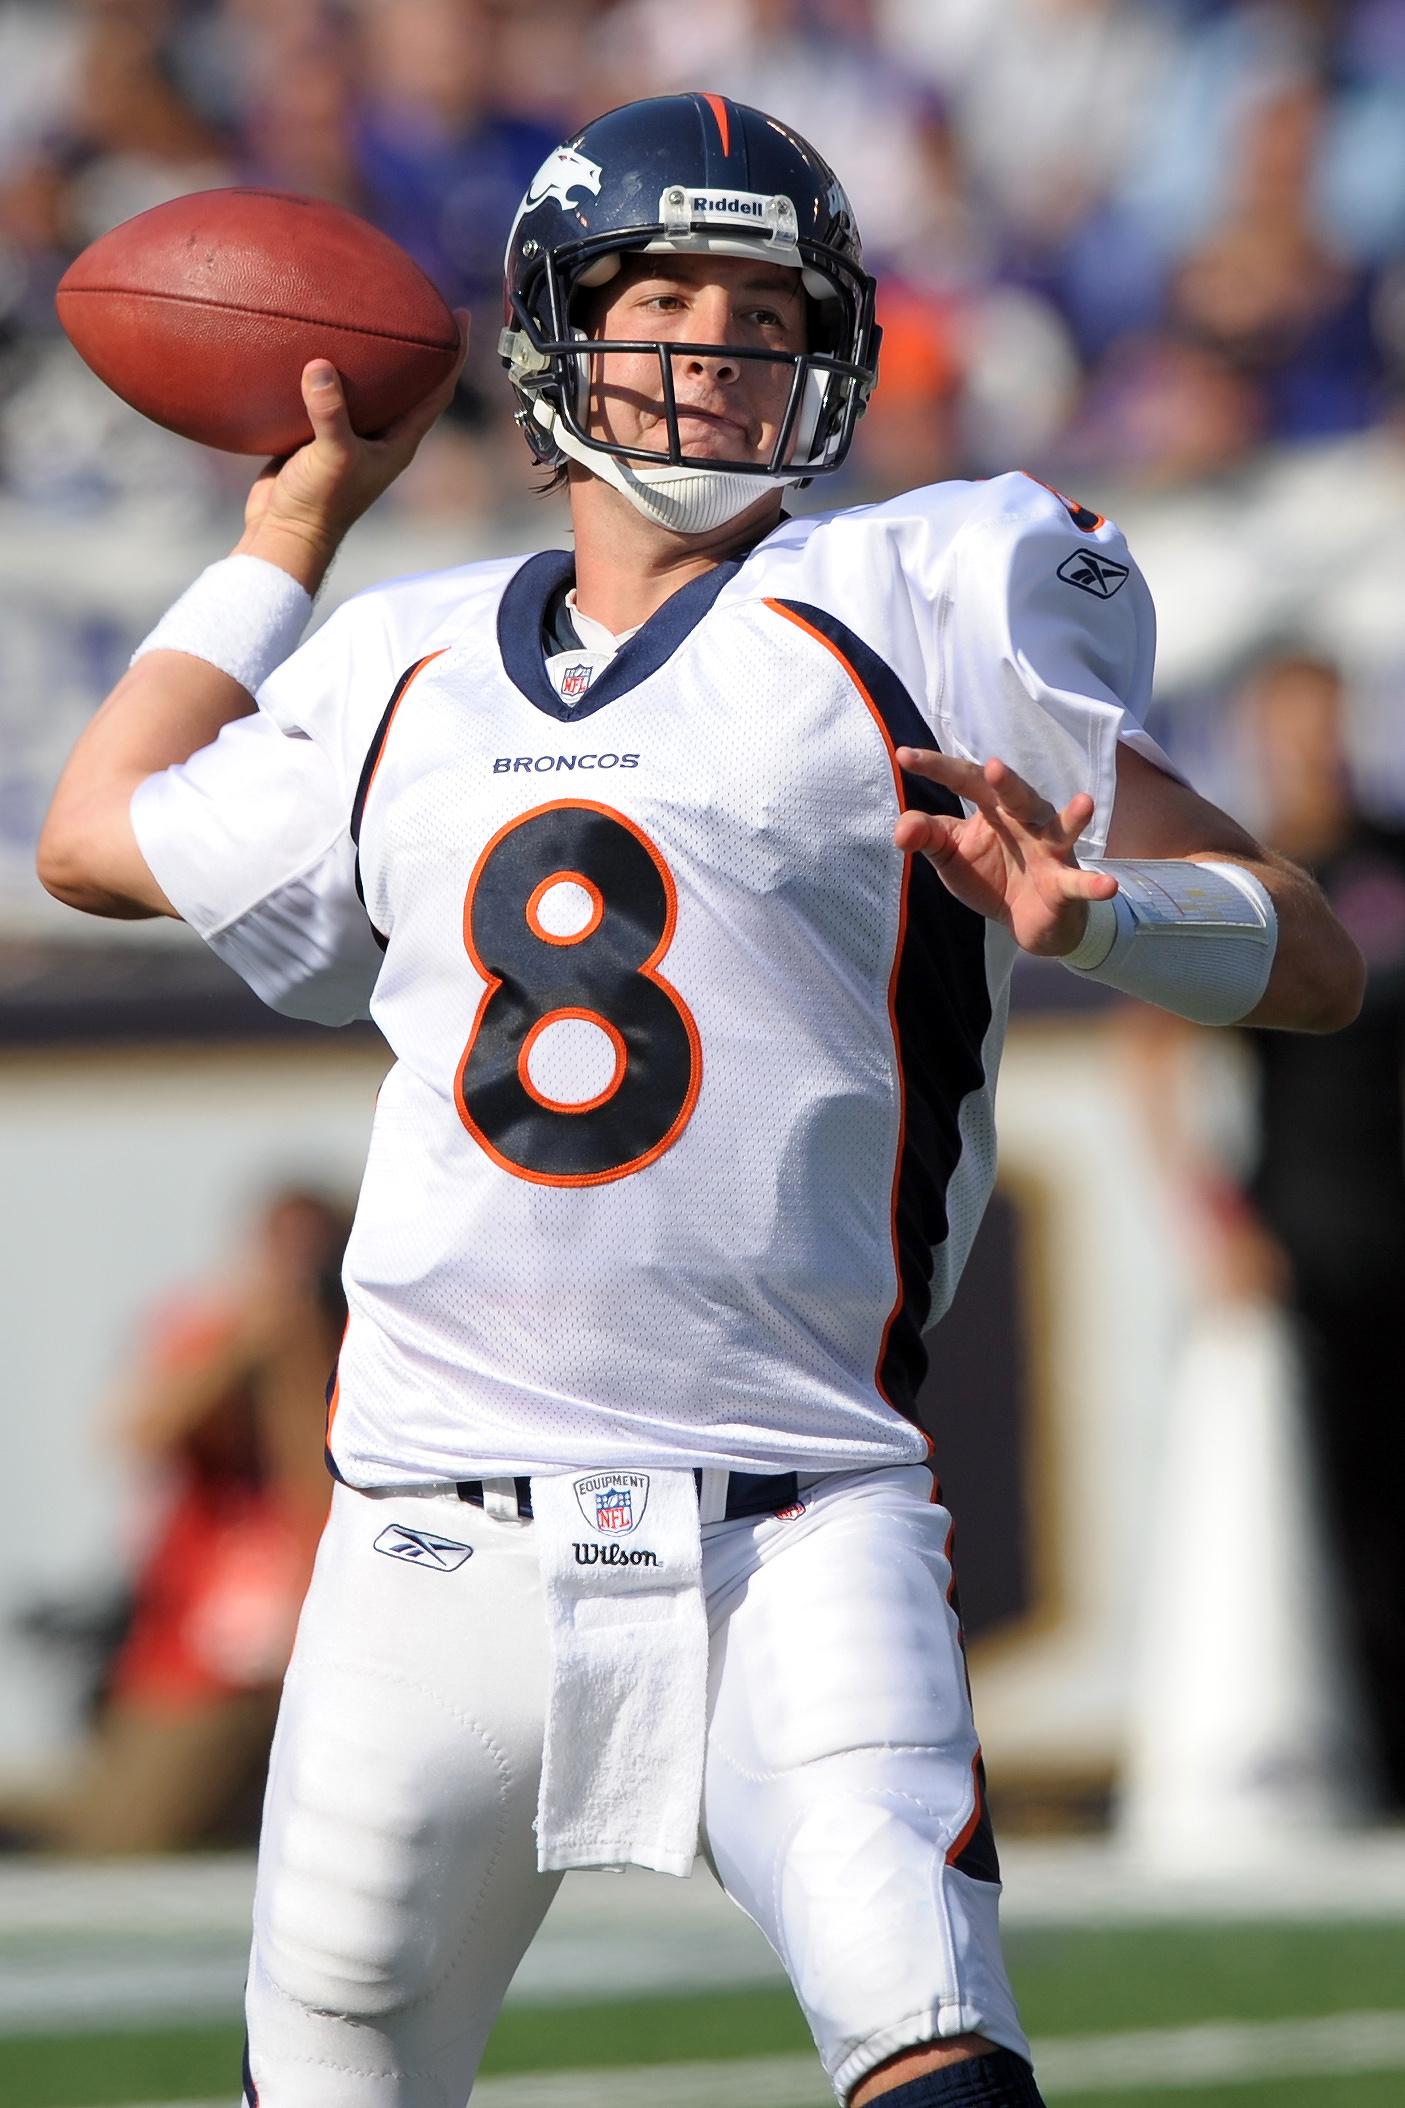 280101010_036_NFL_Broncos_at_Ravens_half.JPG